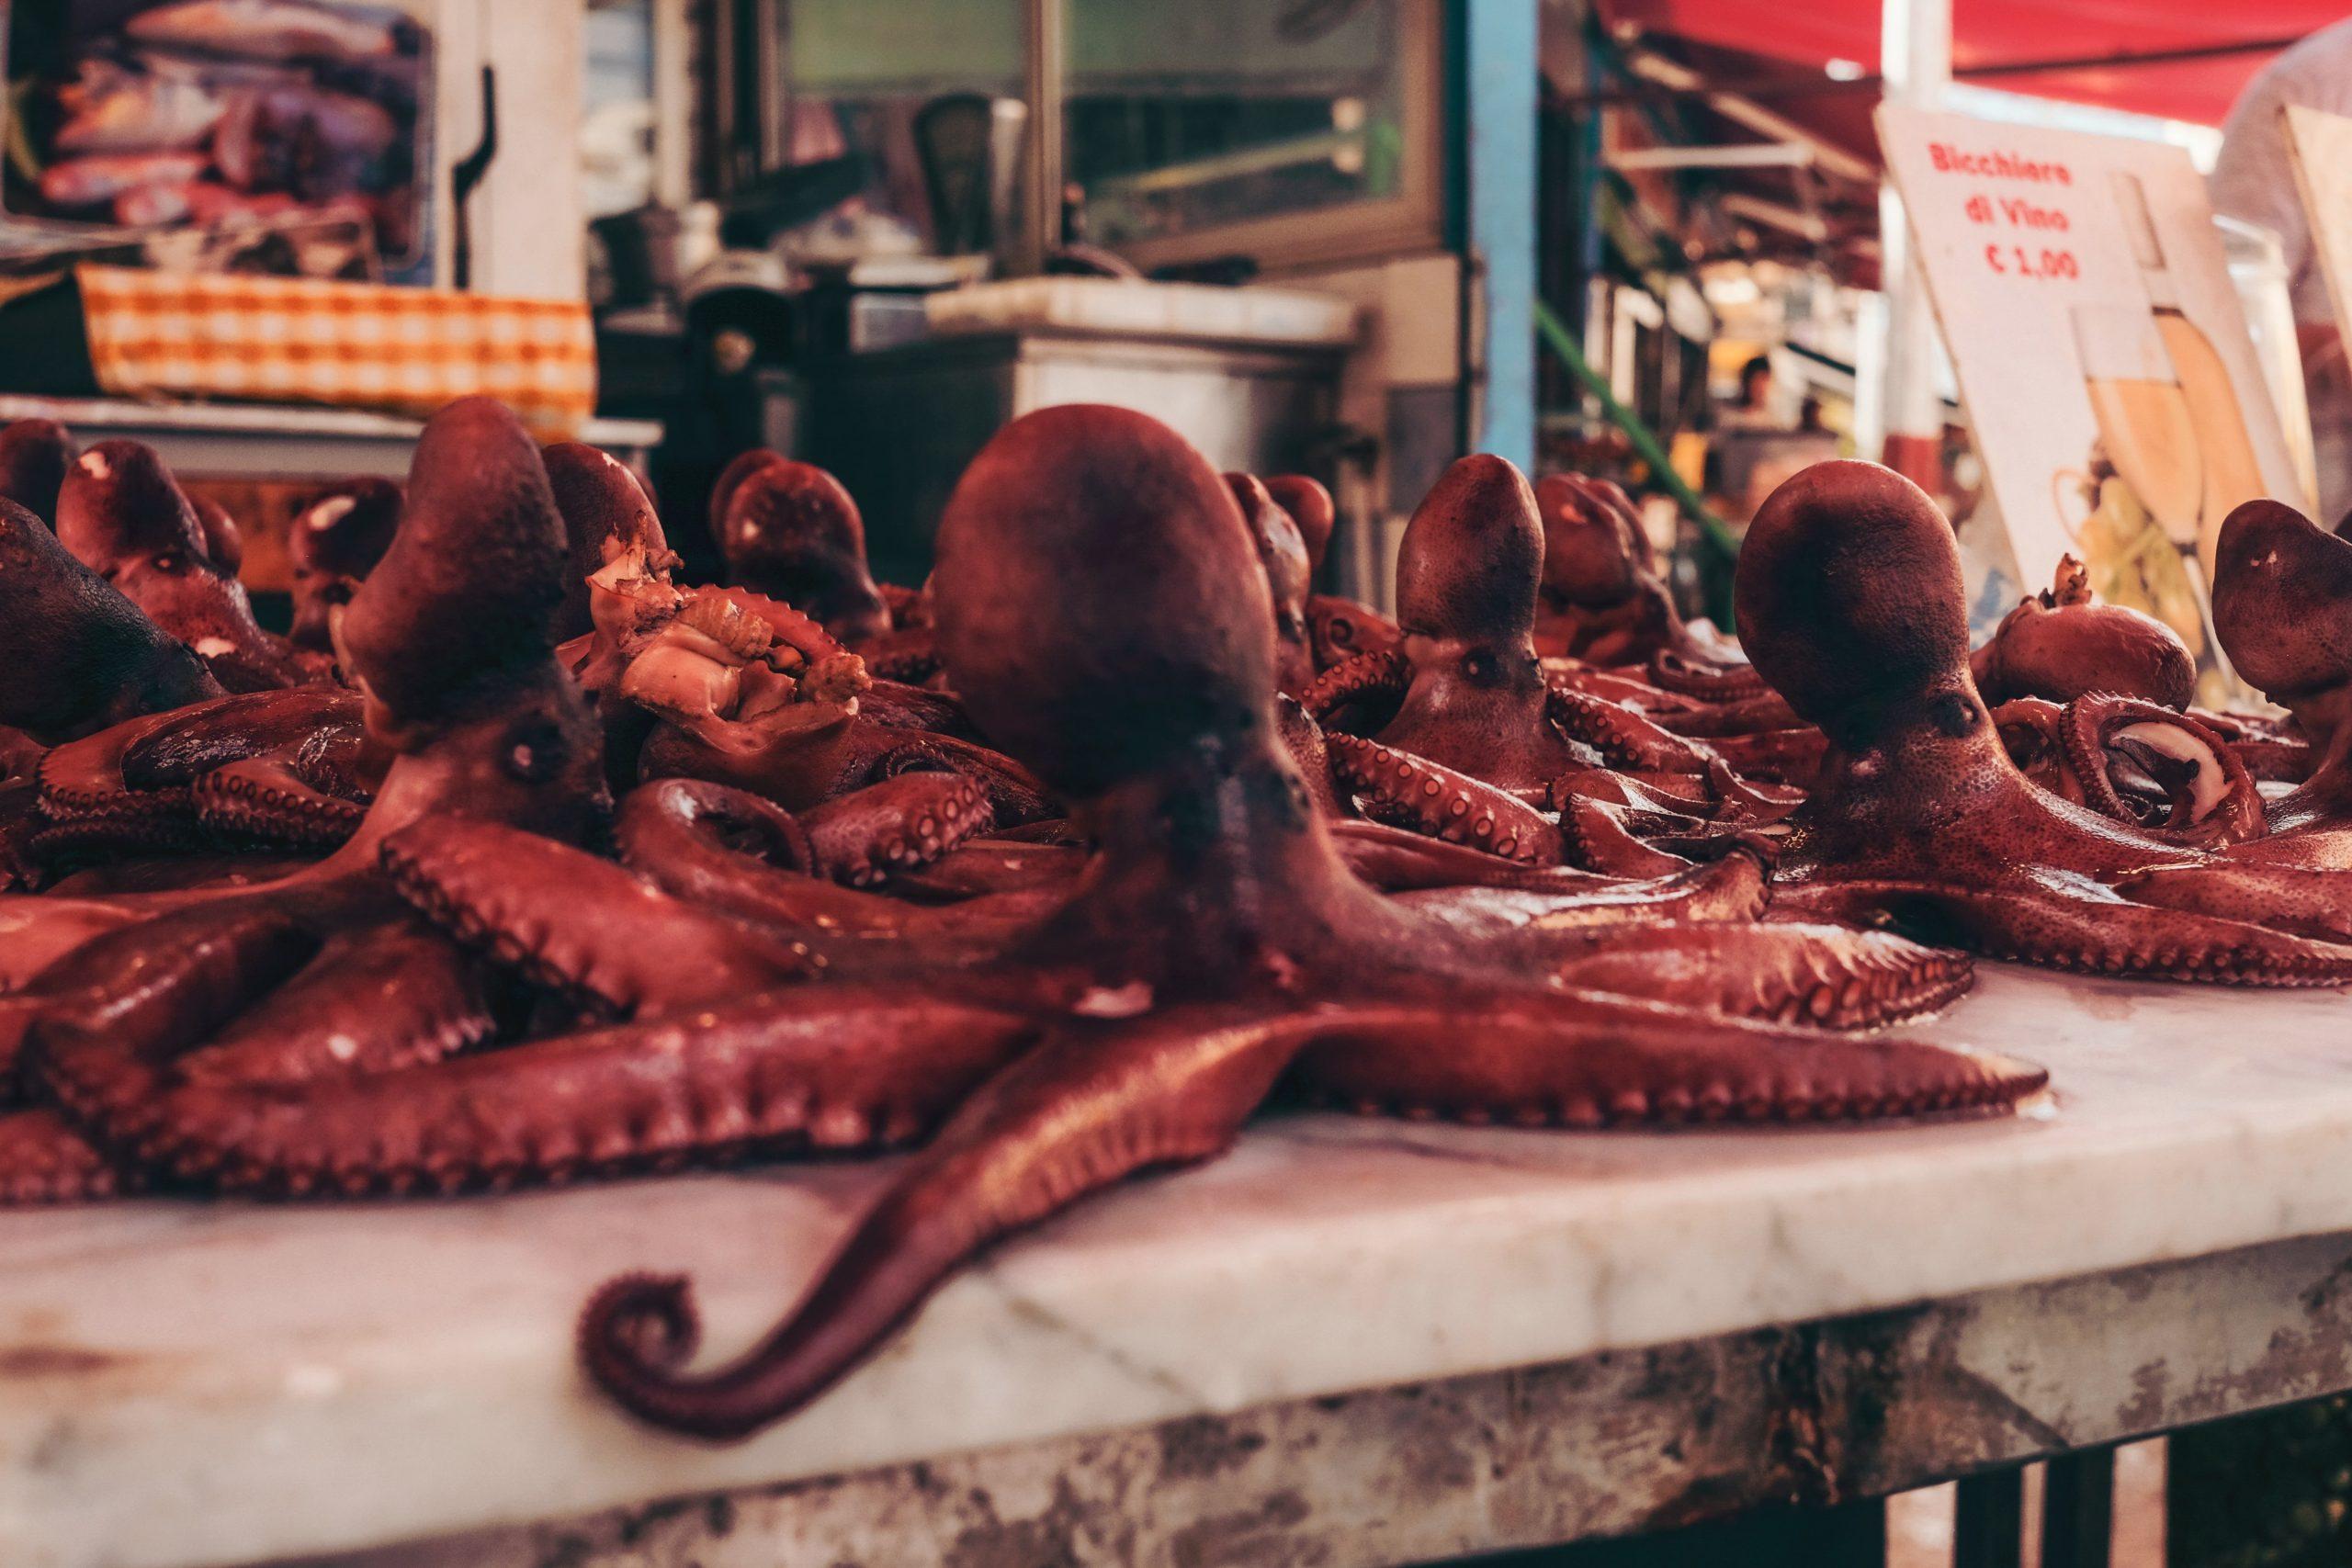 Polpi in mostra su un banco del mercato di Ballarò a Palermo. L'ho scelta per introdurre un mio vecchio articolo sulla città siciliana